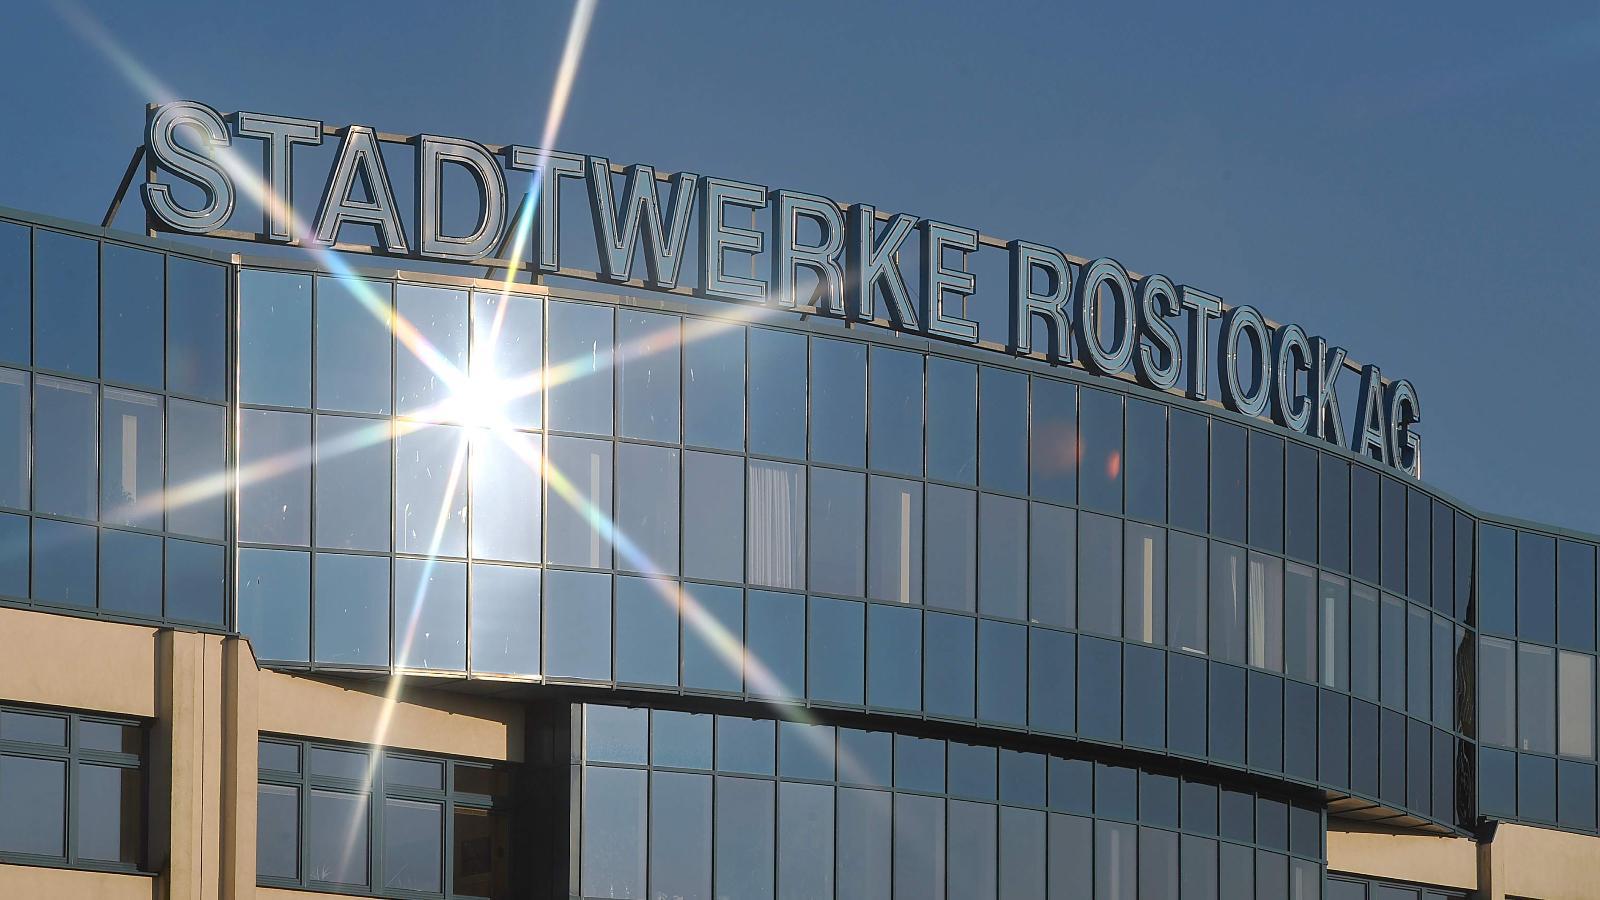 Foto: Stadtwerke